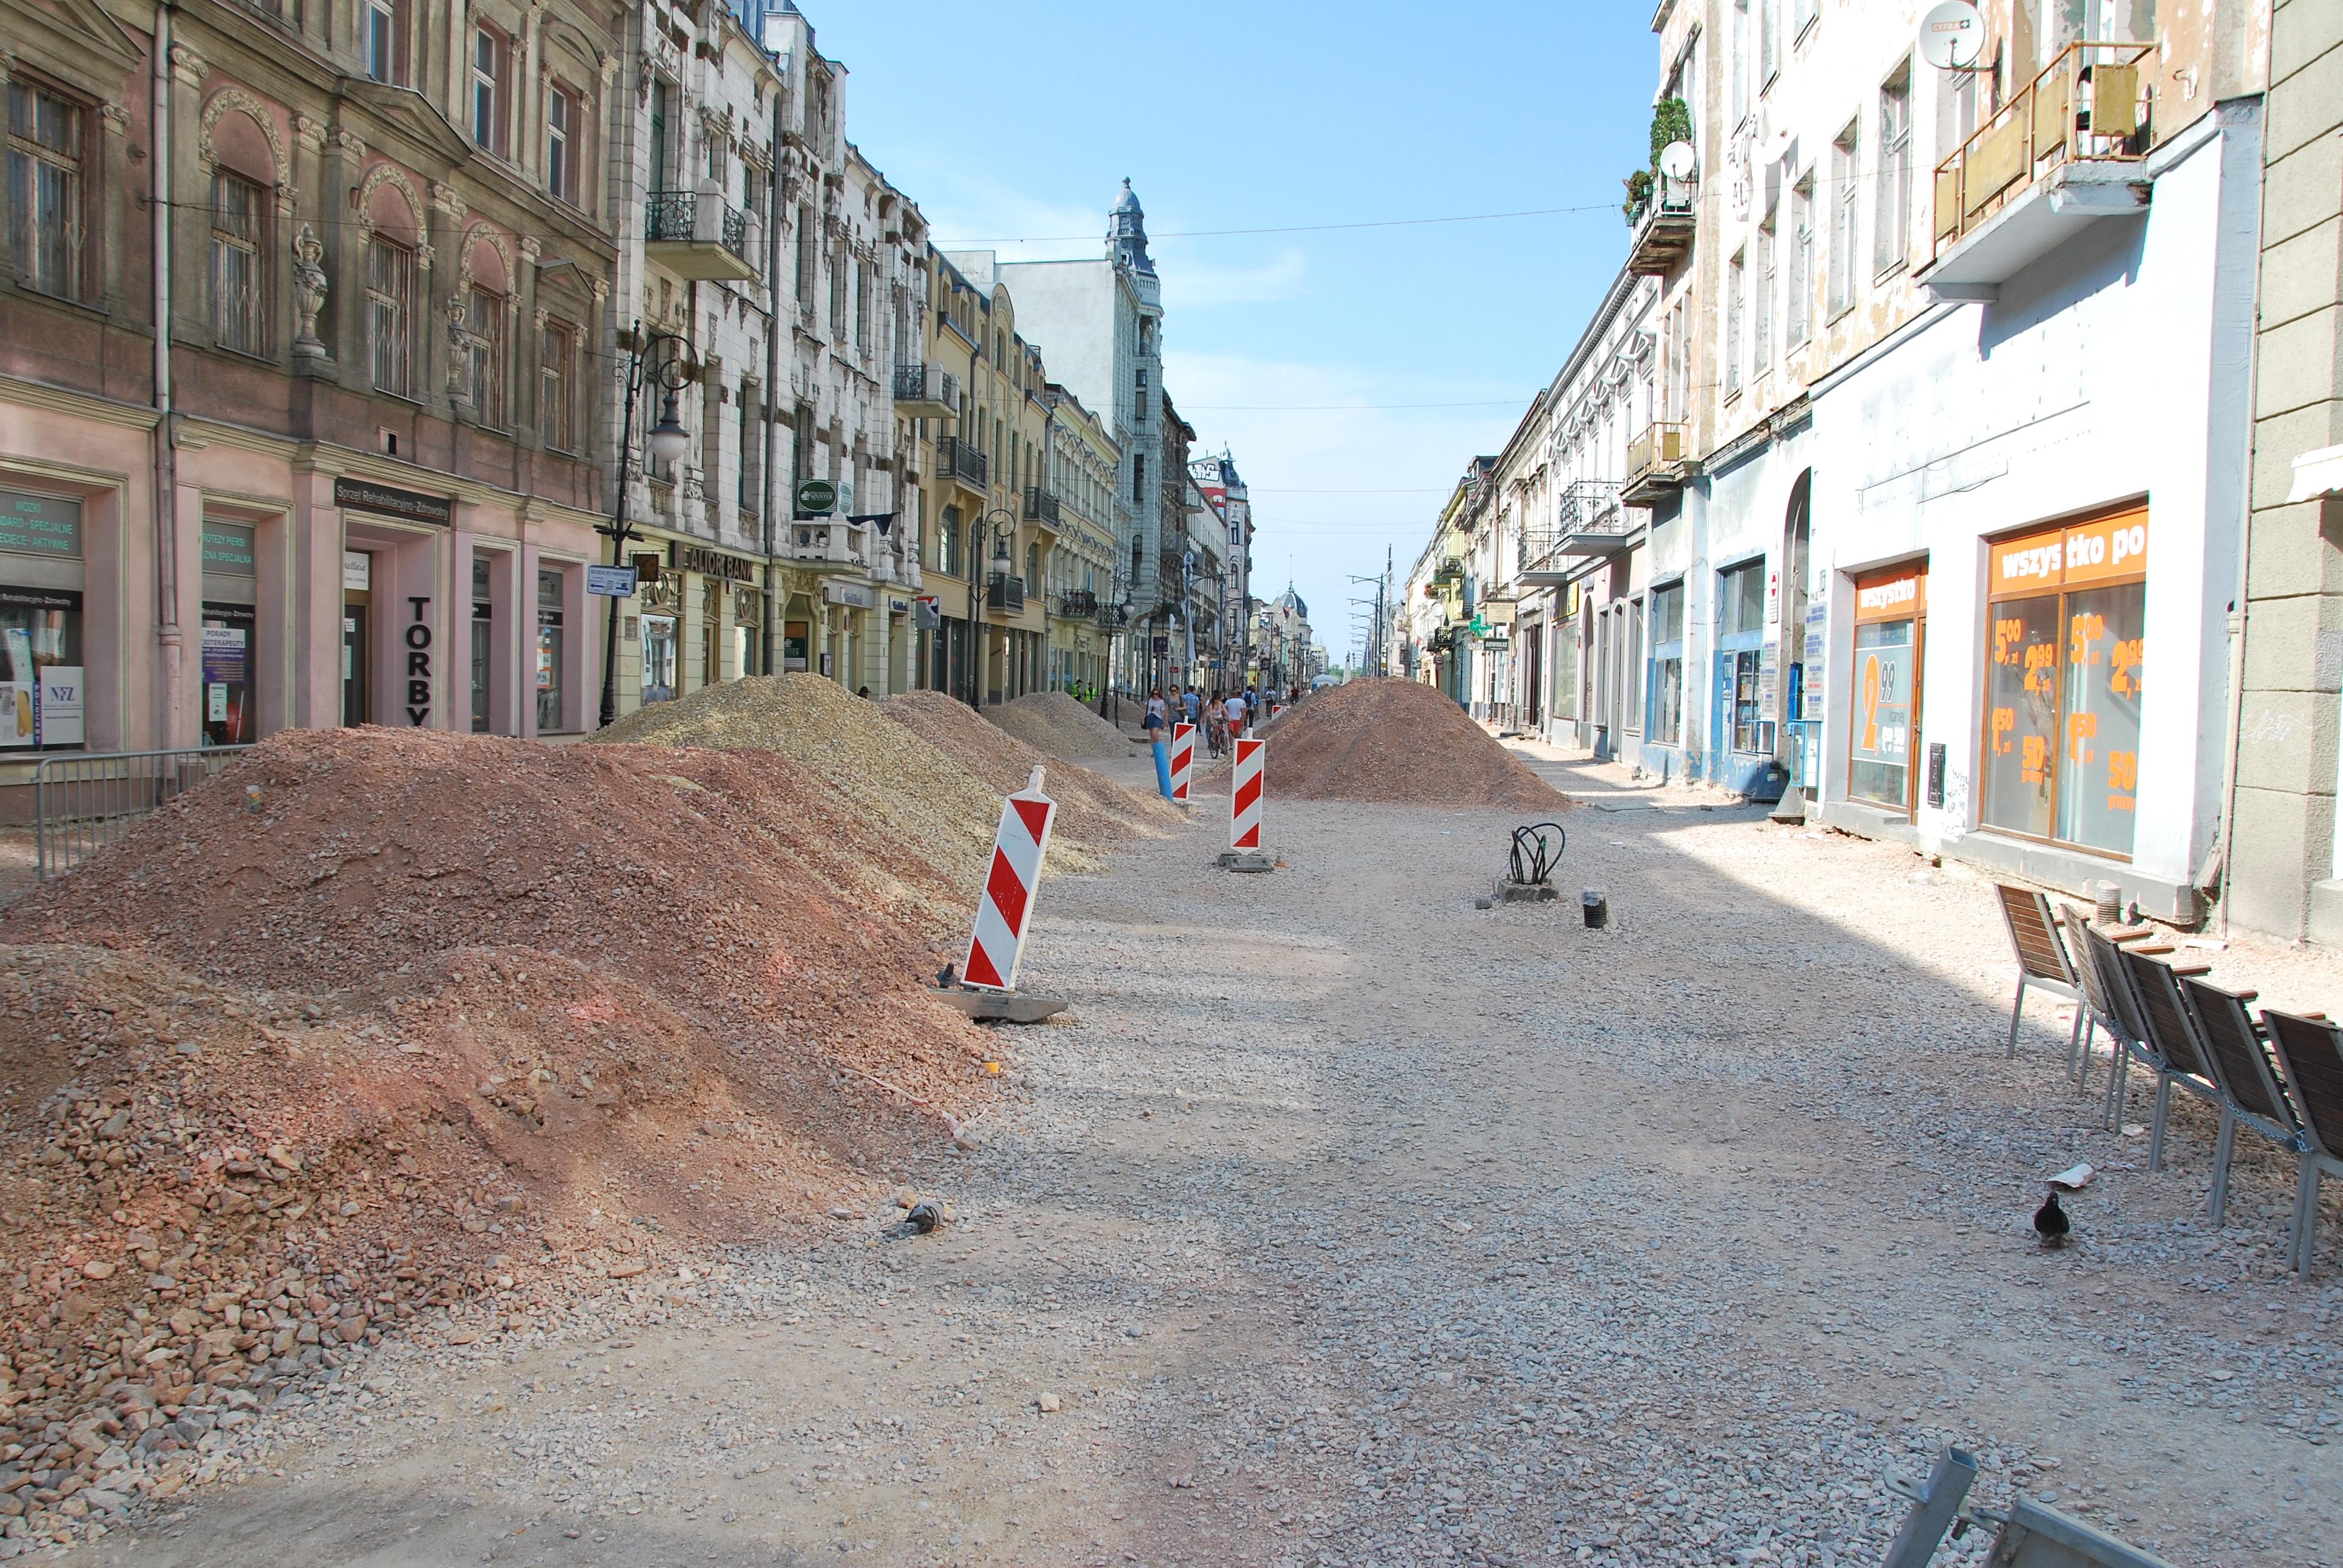 Renovation of Piotrkowska Street 05 Łódź June 2013.jpg Polski: Przebudowa ul. Piotrkowskiej w Łodzi, lipiec 2013 English: Renovation of Piotrkowska